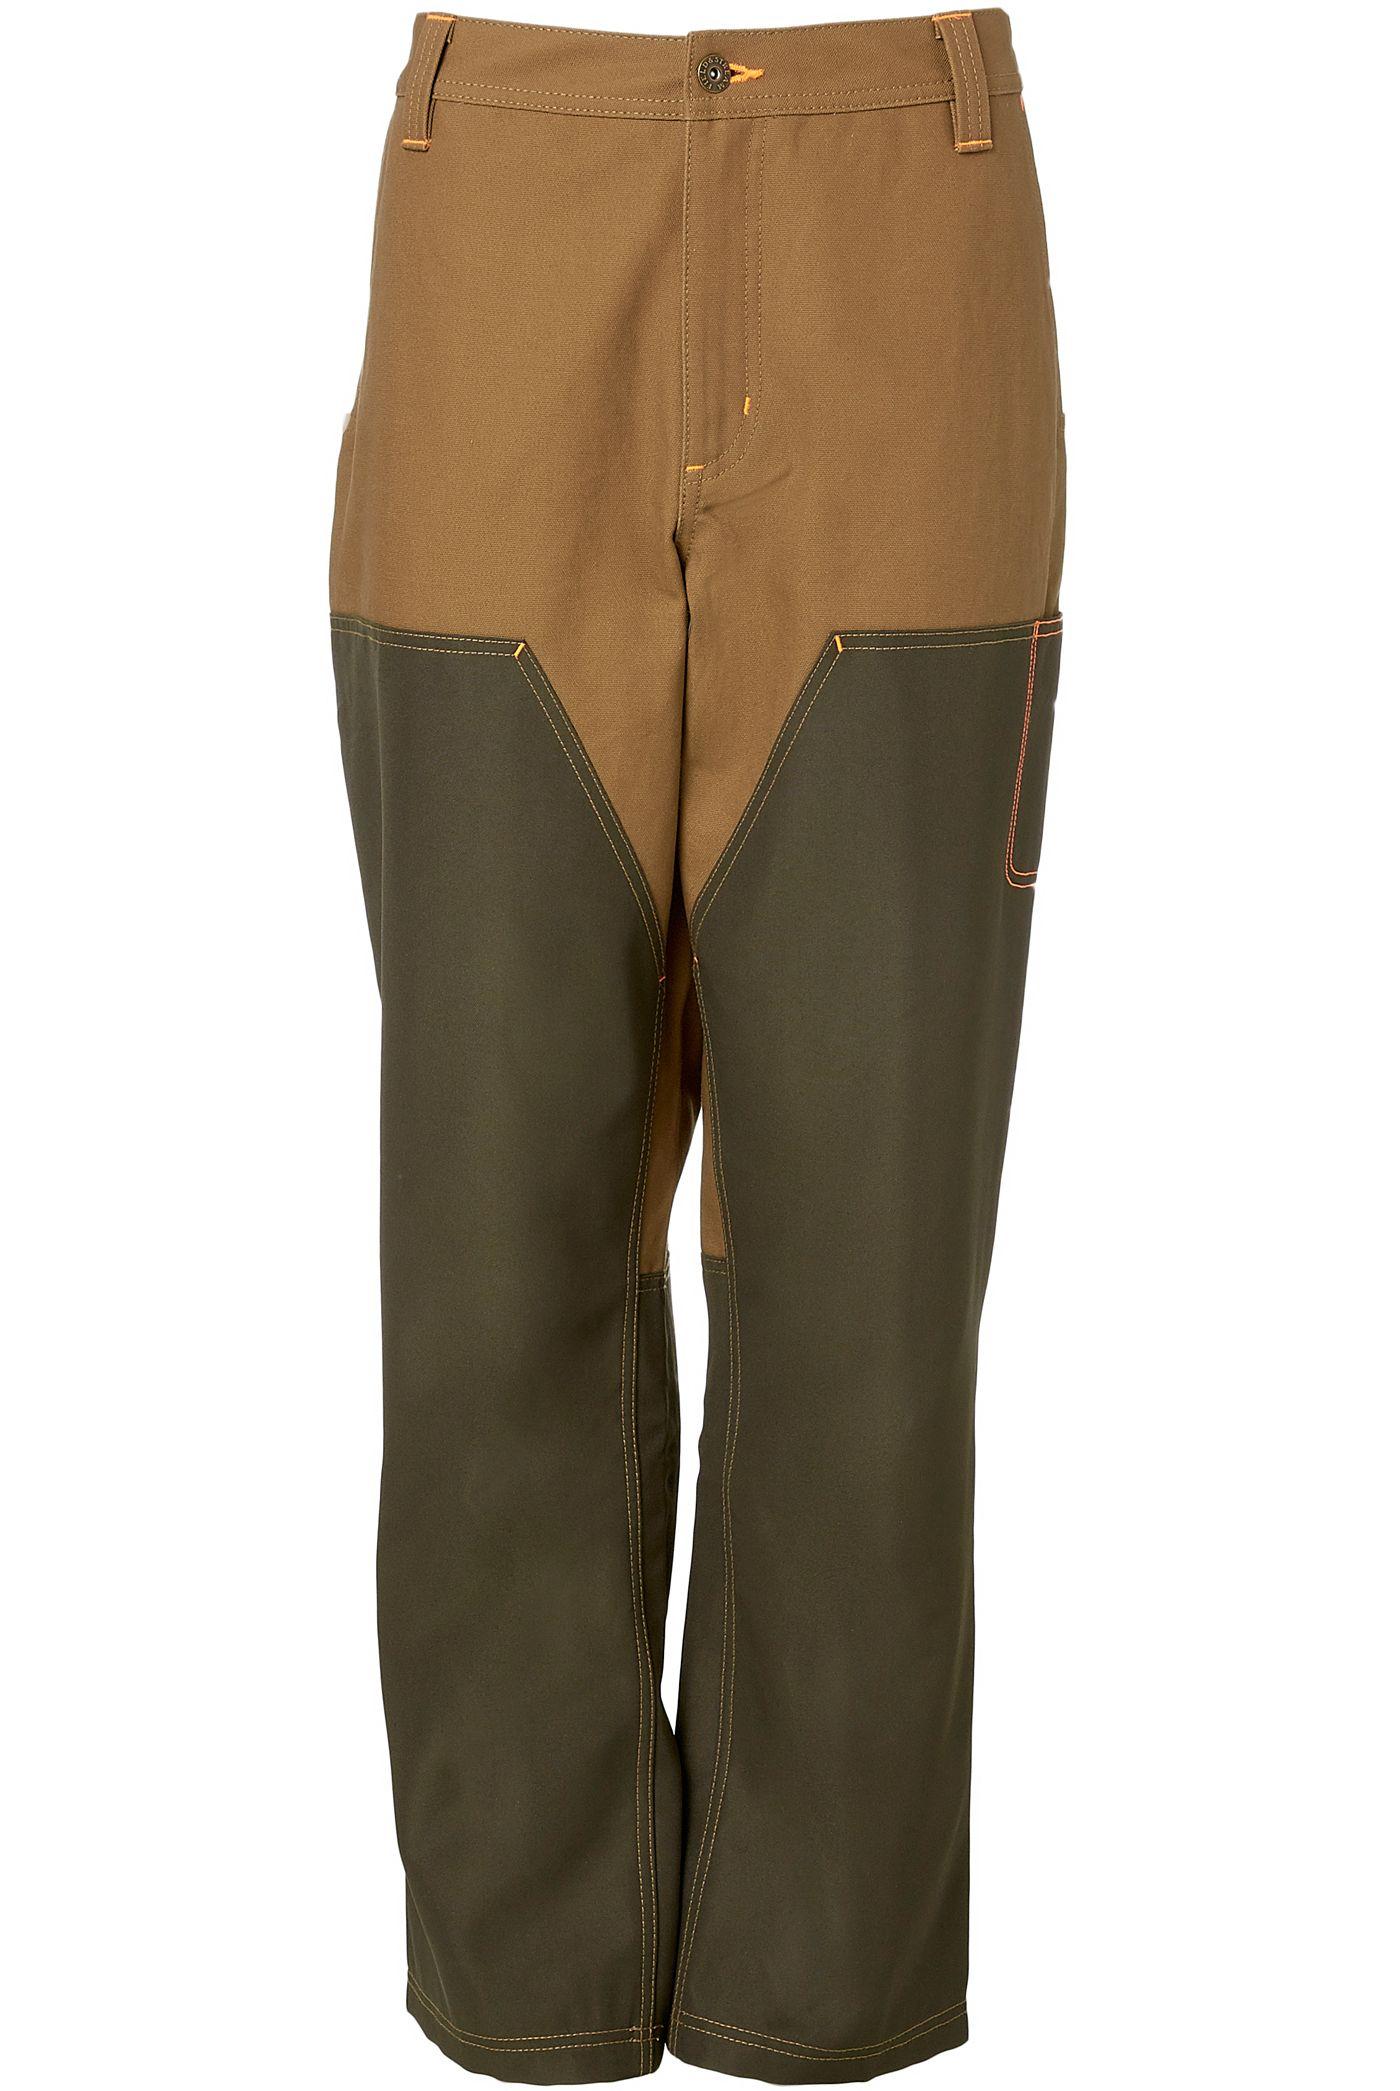 Field & Stream Men's Every Hunt Field Pants